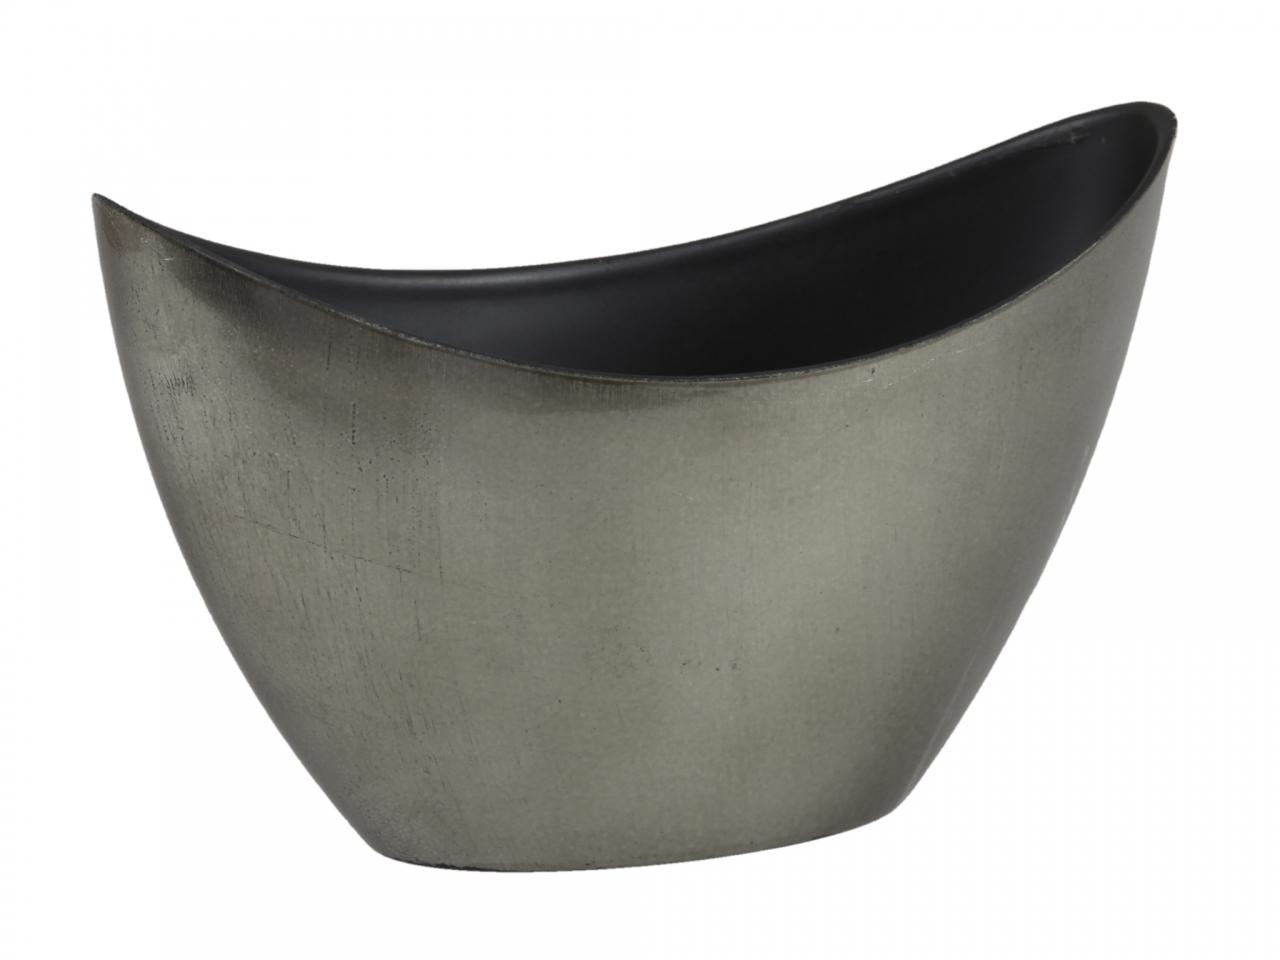 Žulový - šedý plastový květináč loďka 20x9x12 cm